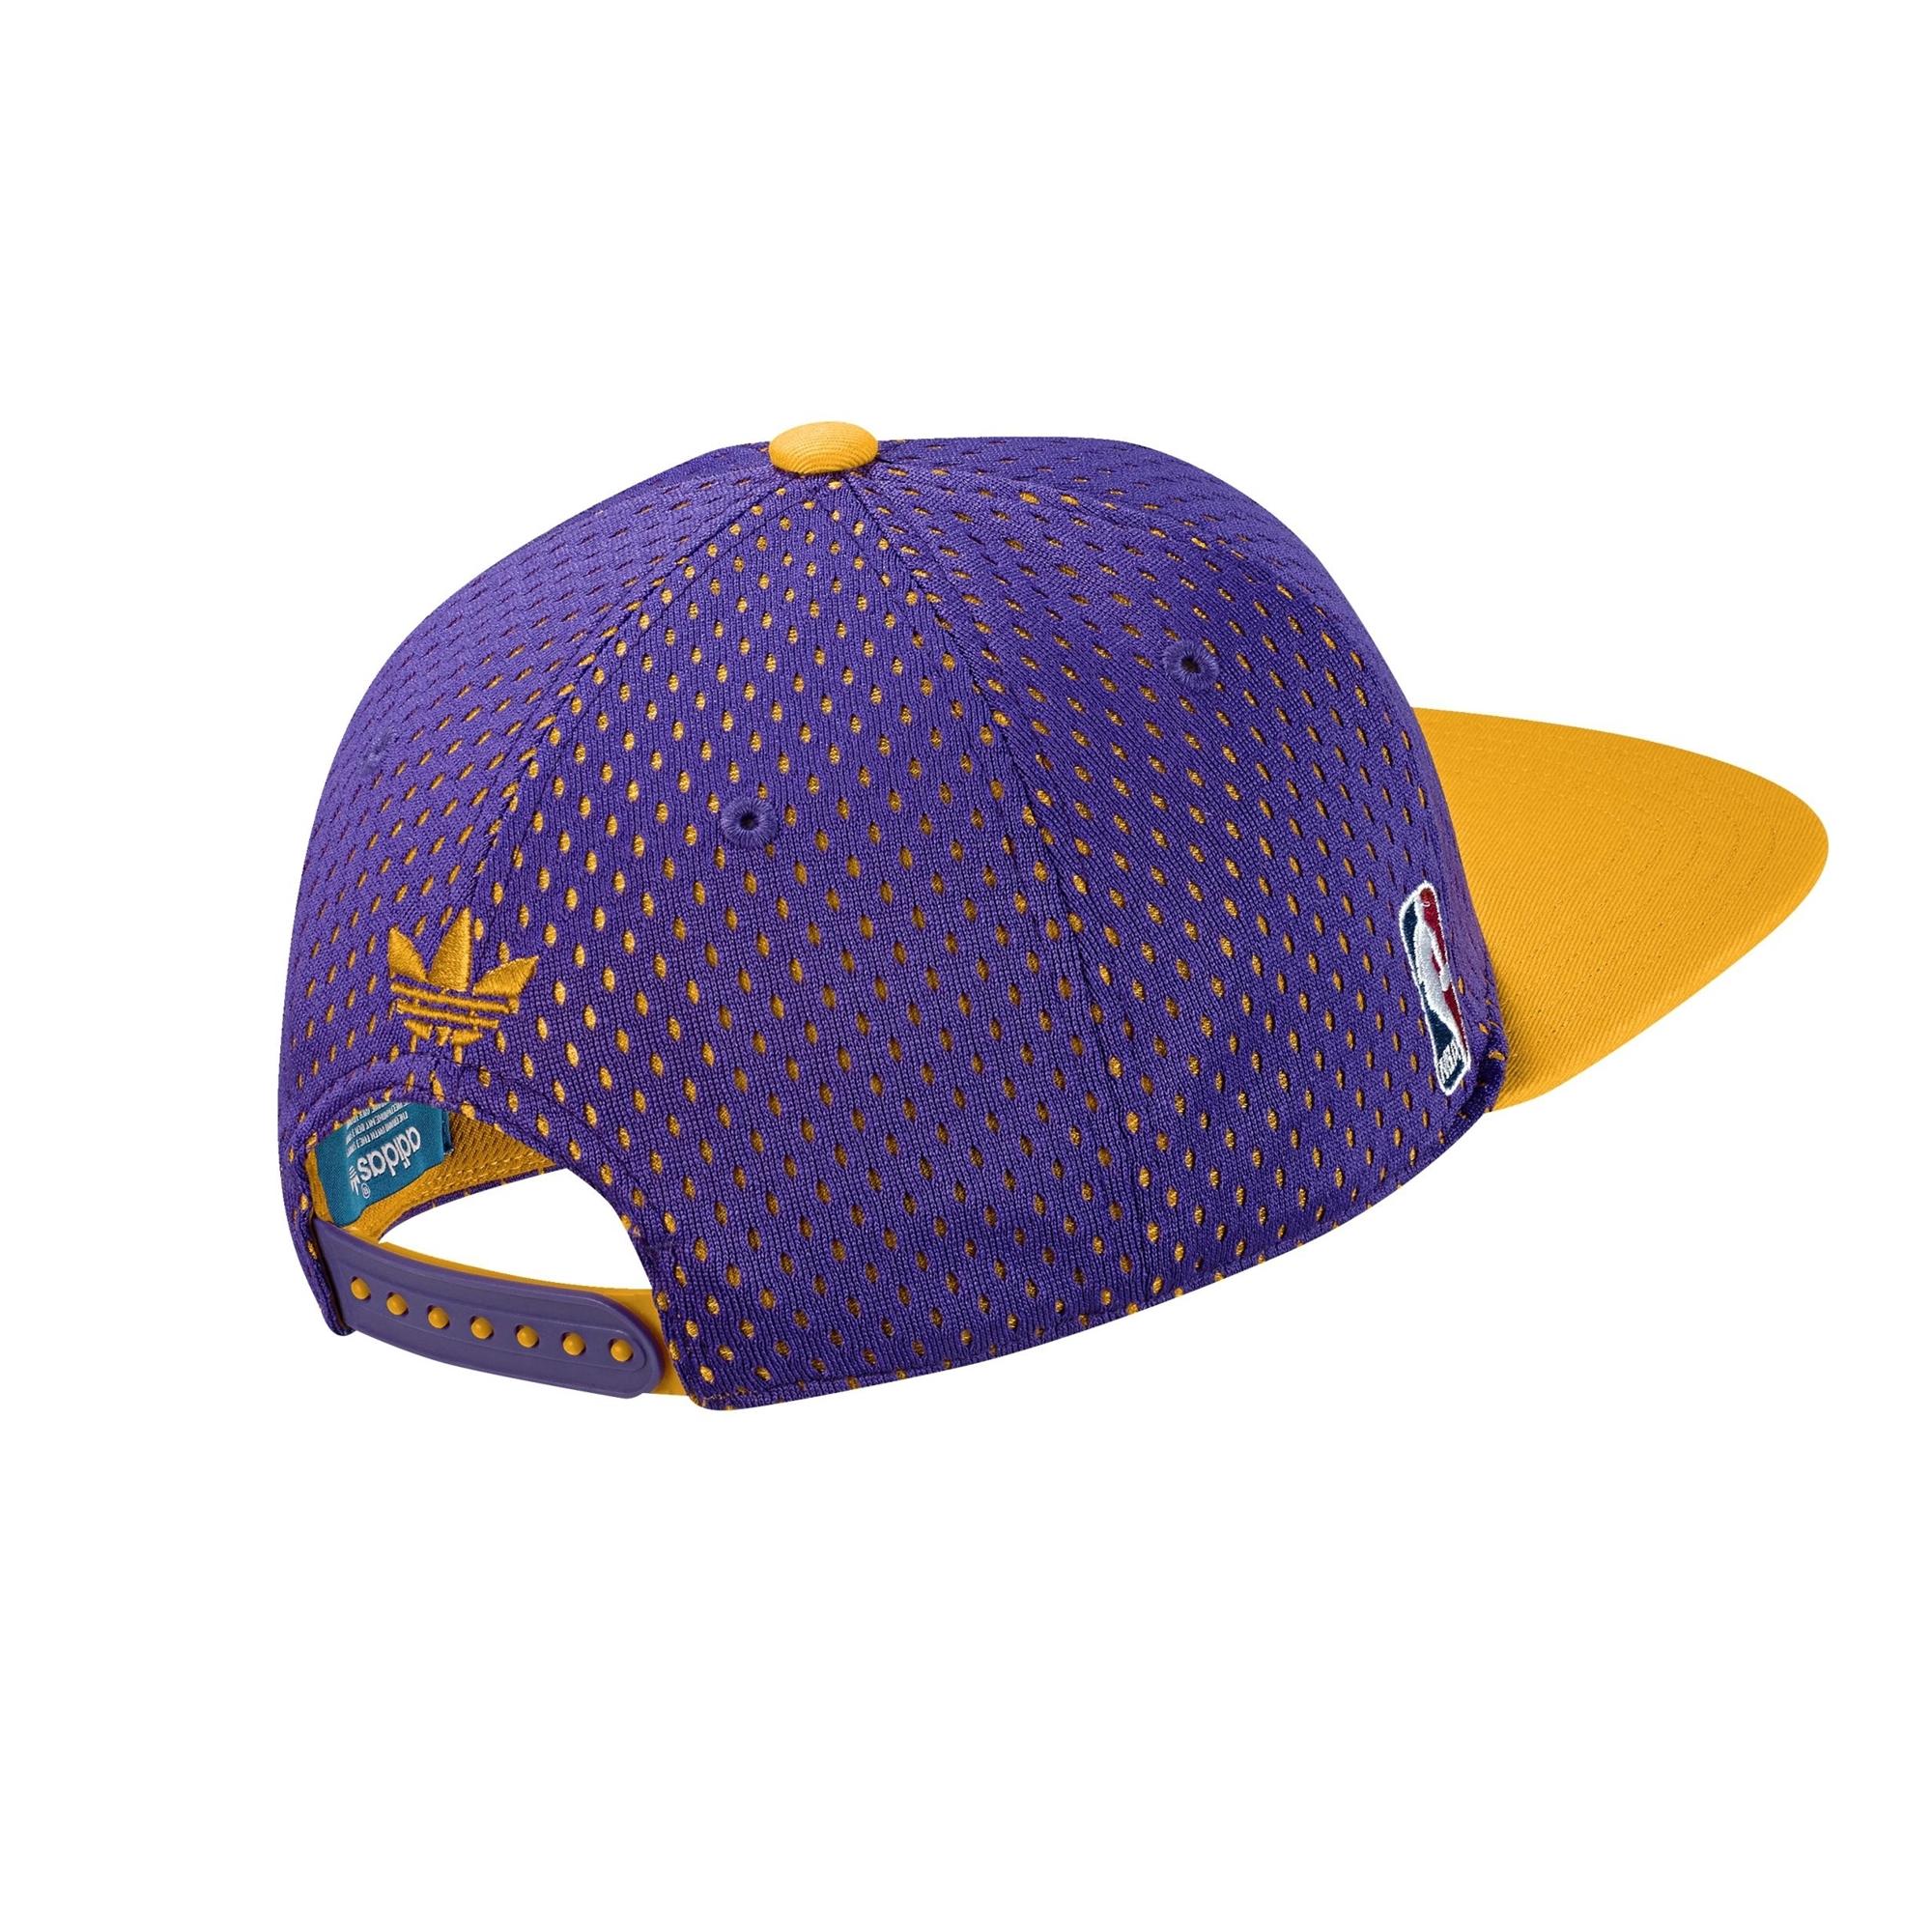 Mujer Pionero Regeneración  Adidas Originals Gorra L.A Lakers Cap Snapback (purpura/amarillo